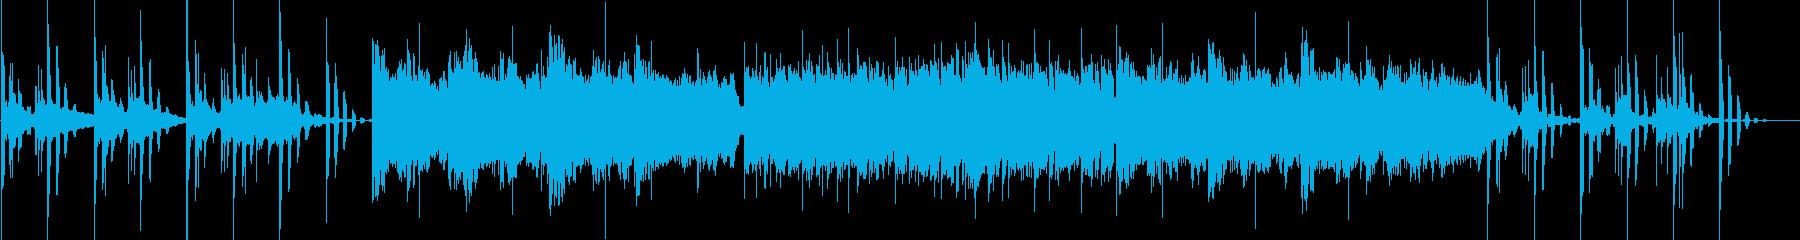 オルガンとストリングスのバラードポップスの再生済みの波形